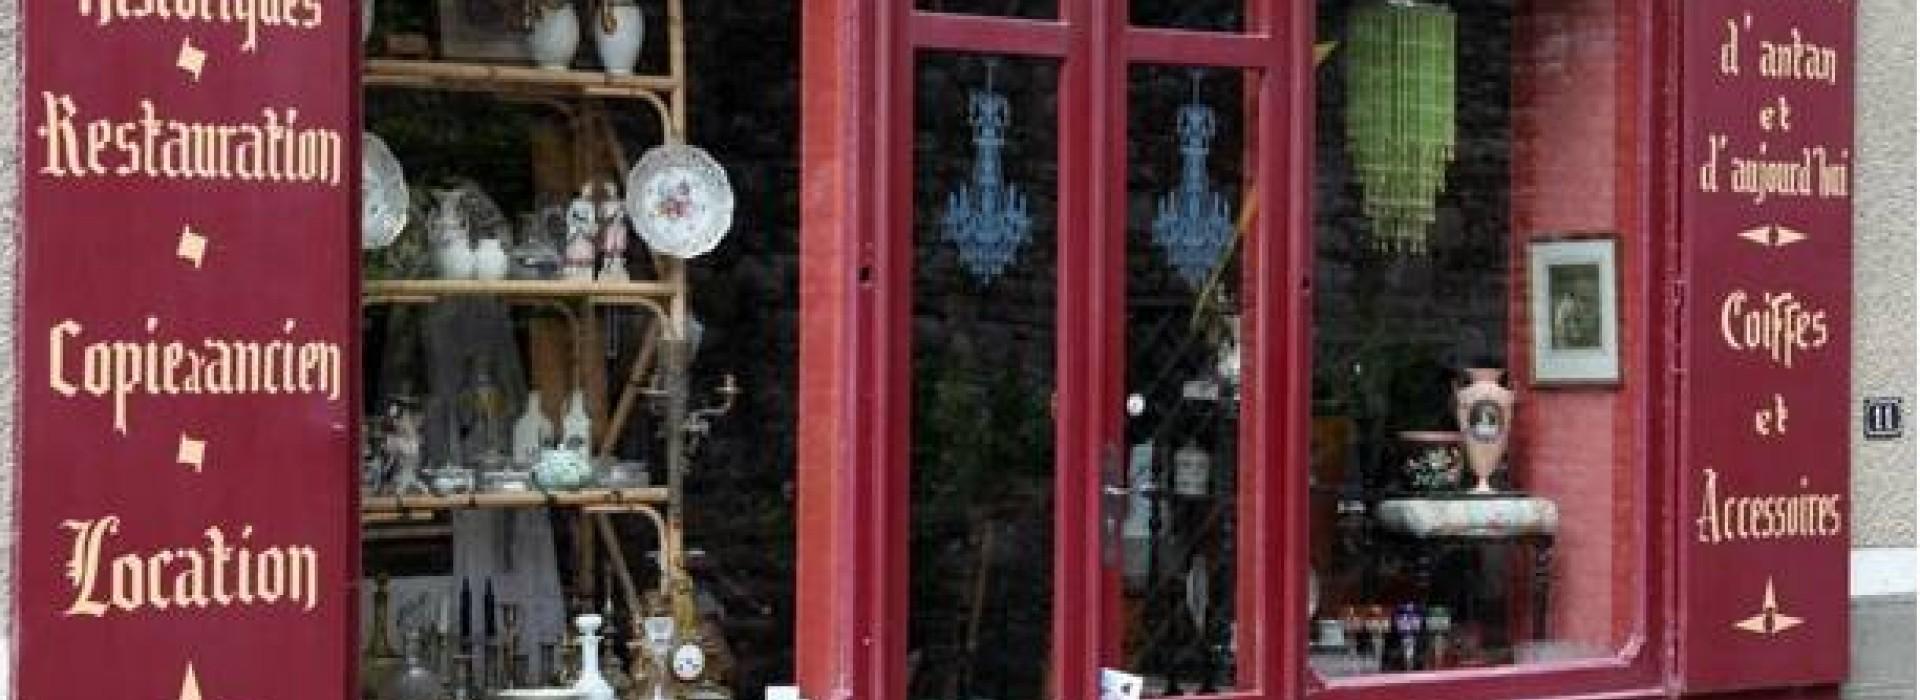 Brocante La Ferte St Aubin antiquites & brocante christophe l'huillier: introductions